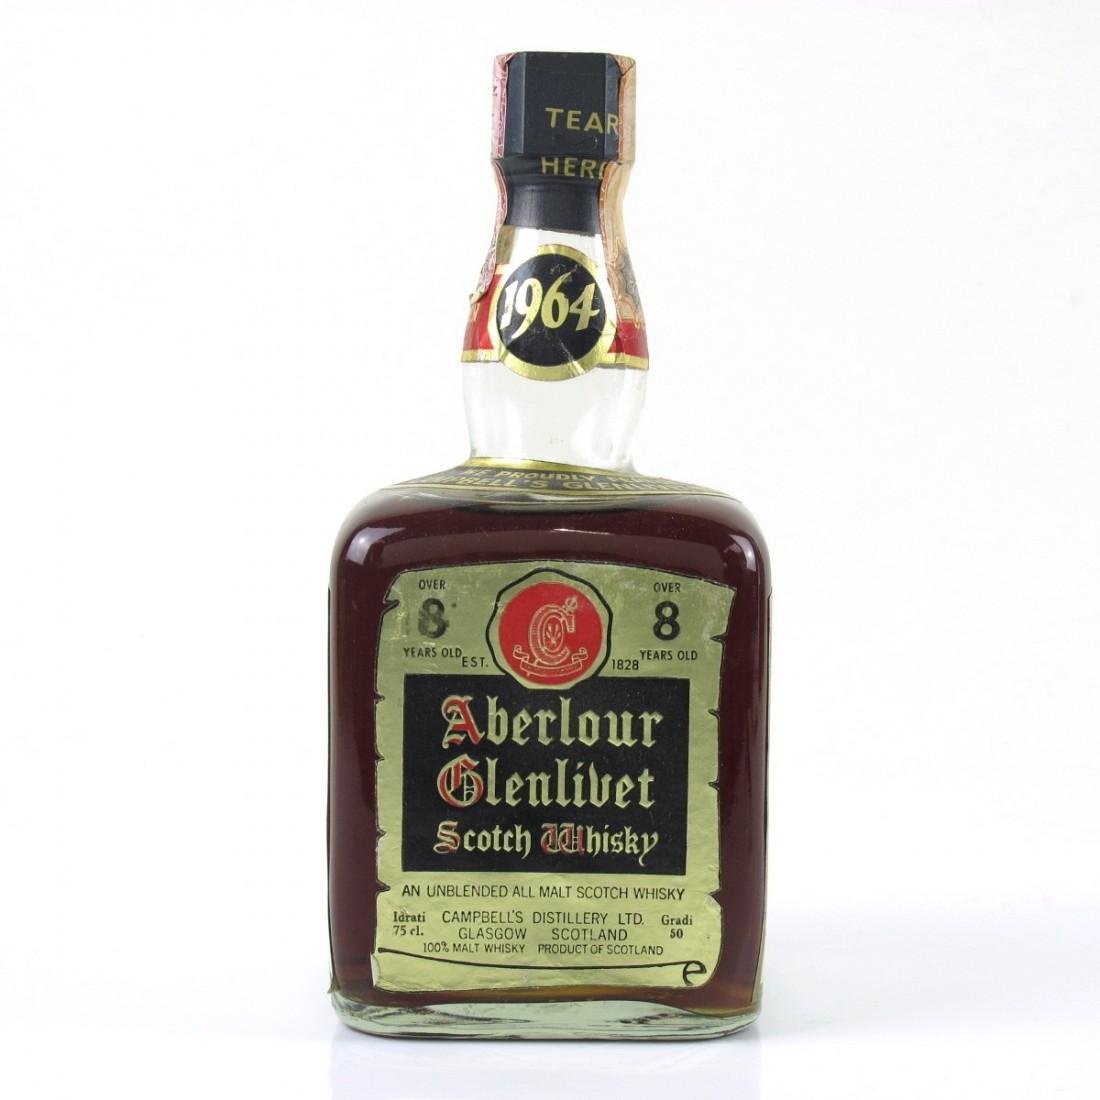 Aberlour - Glenlivet 1964 Over 8 Year Old